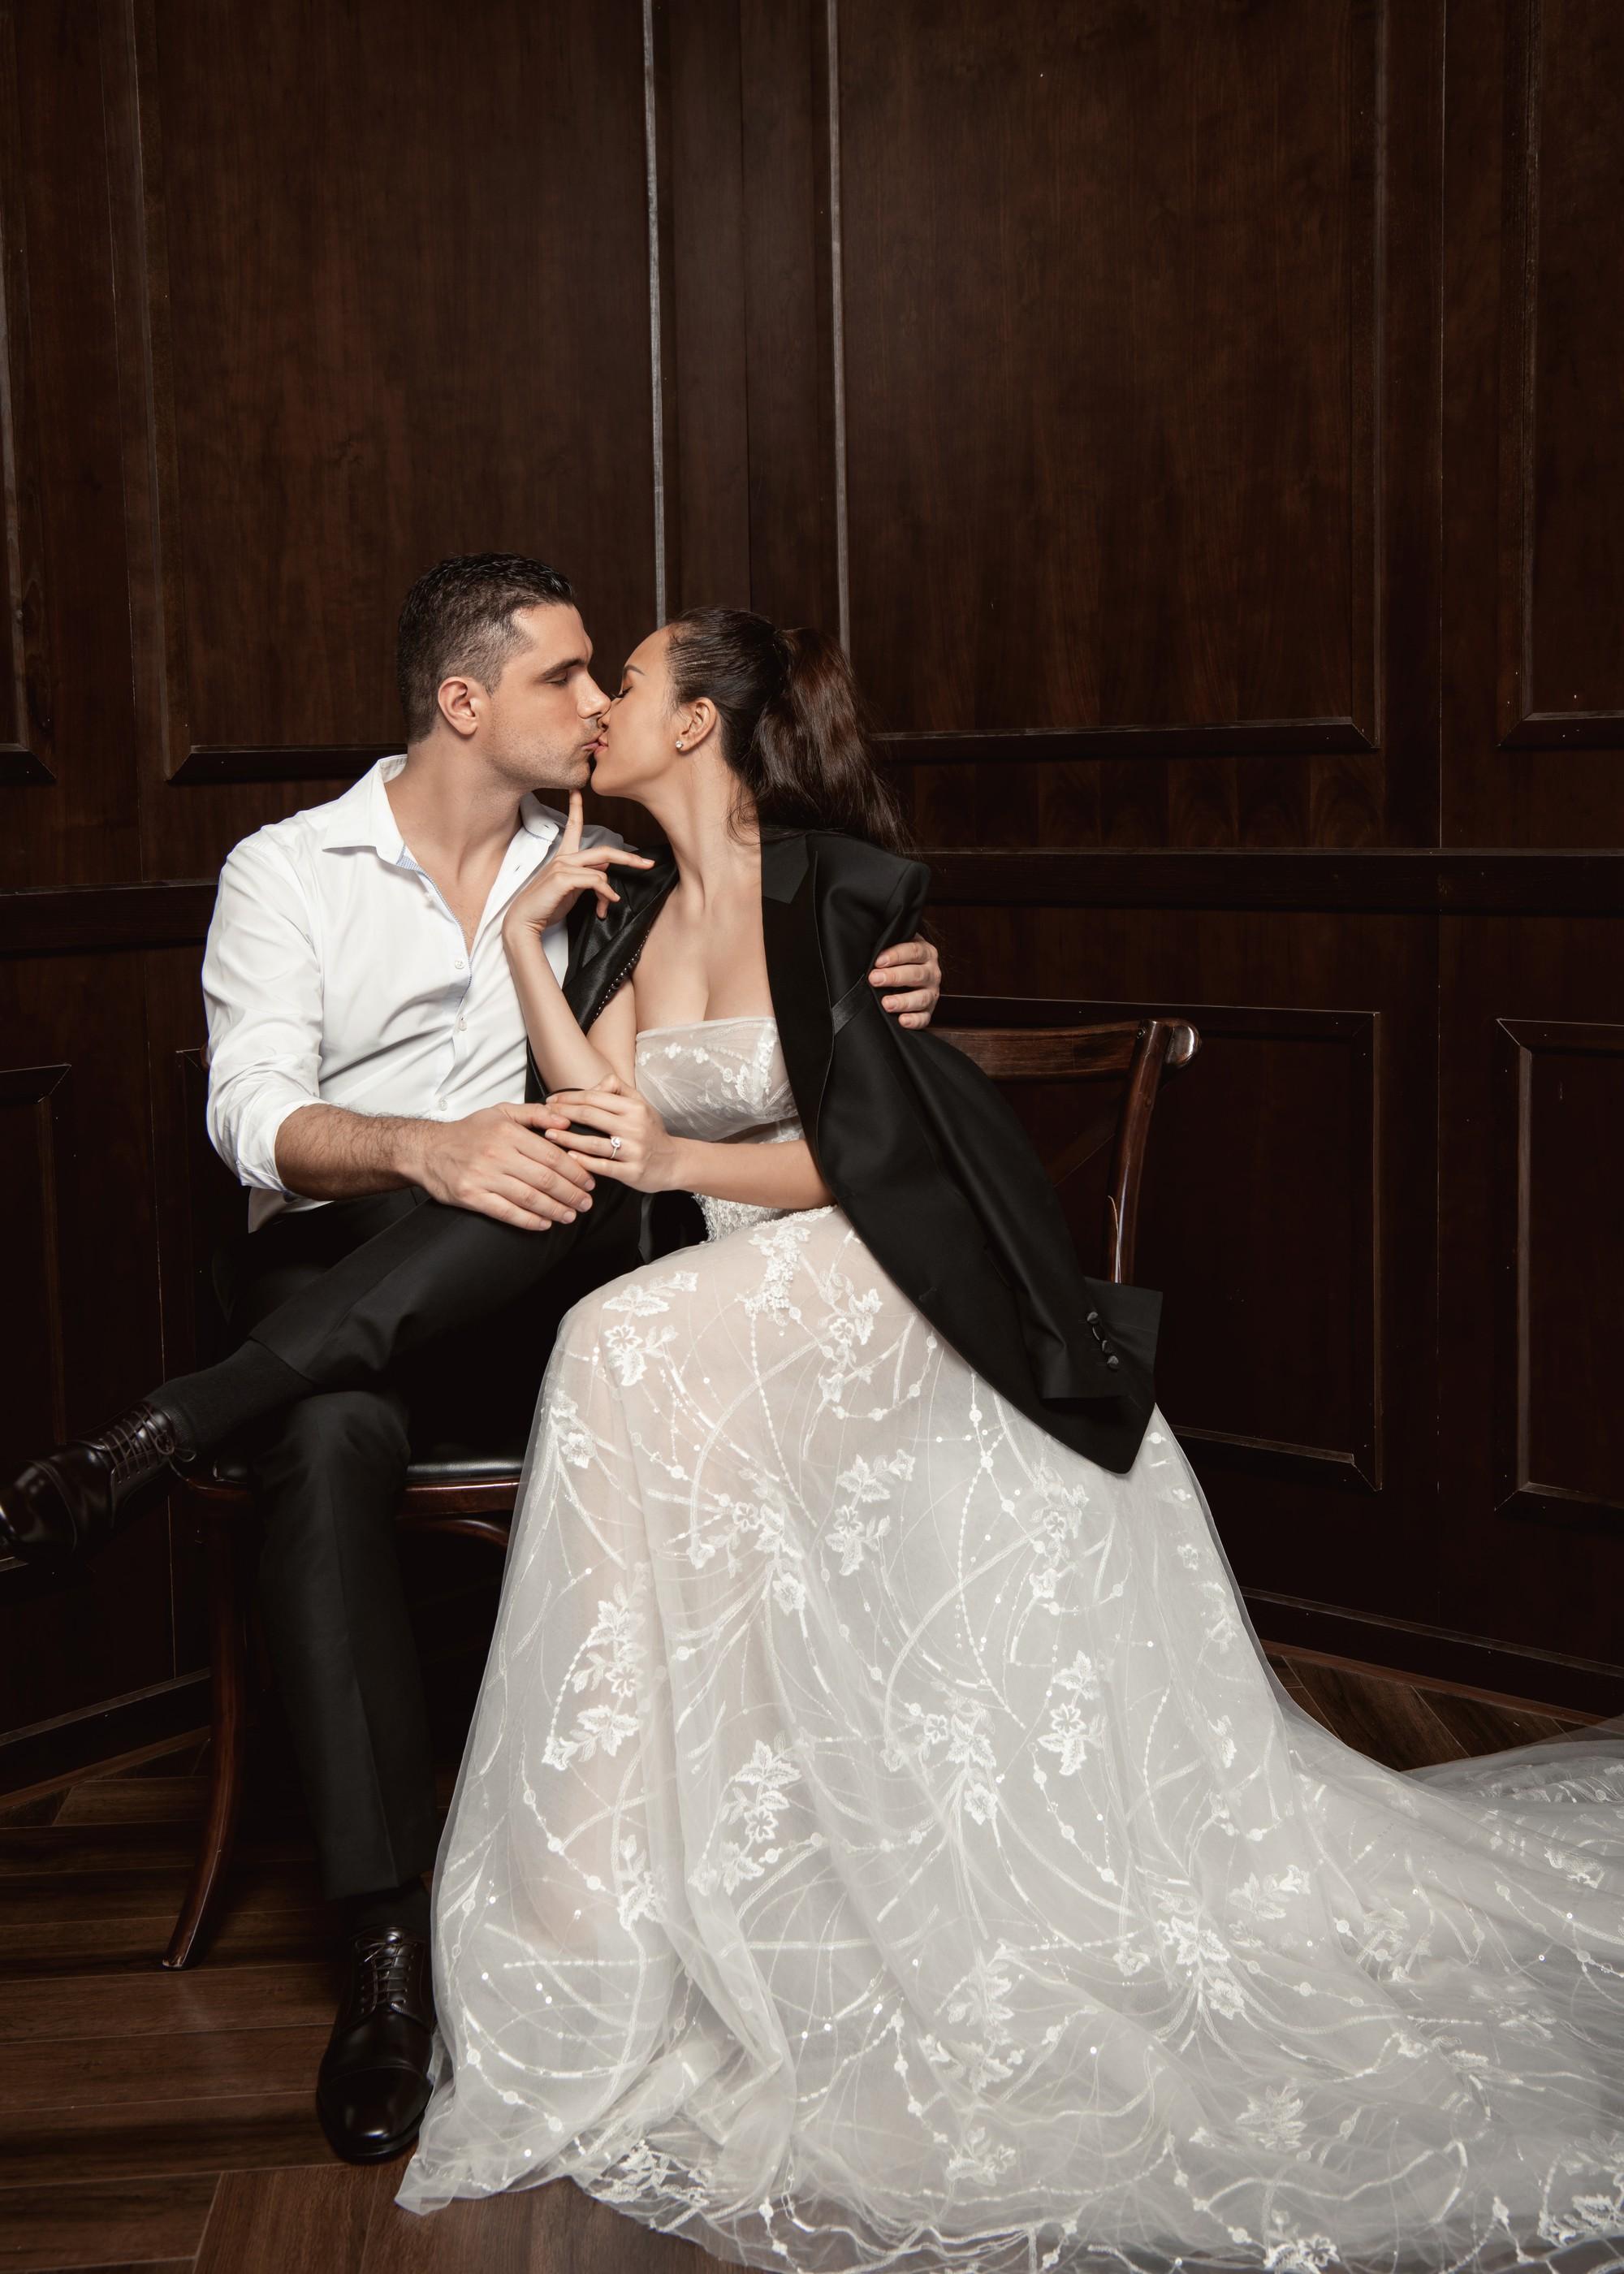 Trọn bộ ảnh cưới ngọt ngào đến tan chảy của Phương Mai và chồng Tây đẹp trai như tài tử - Ảnh 16.